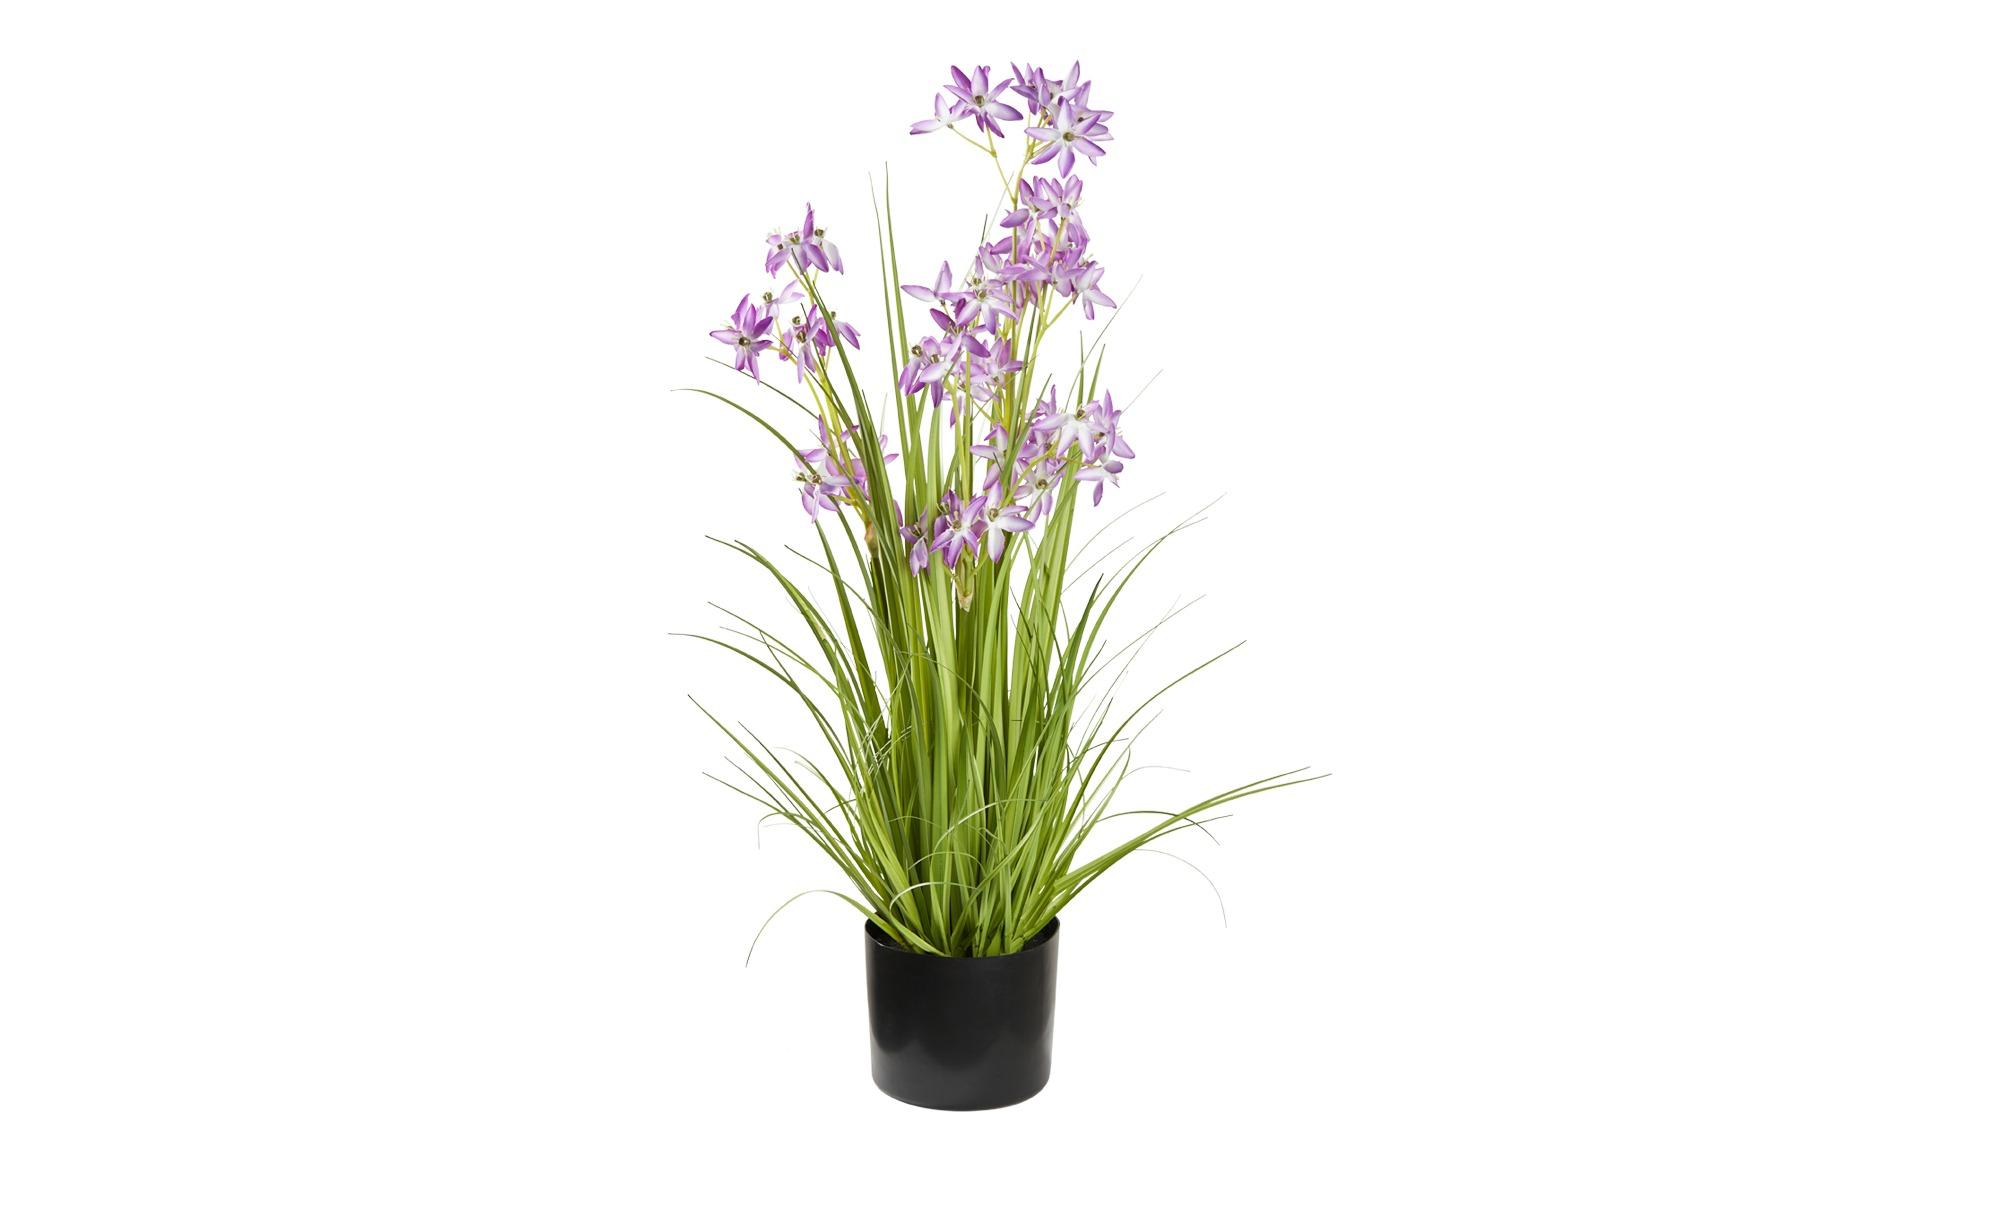 Grasbüschel - lila/violett - Kunststoff - 79 cm - Dekoration > Kunstblumen - Möbel Kraft | Dekoration > Dekopflanzen > Kunstpflanzen | Möbel Kraft